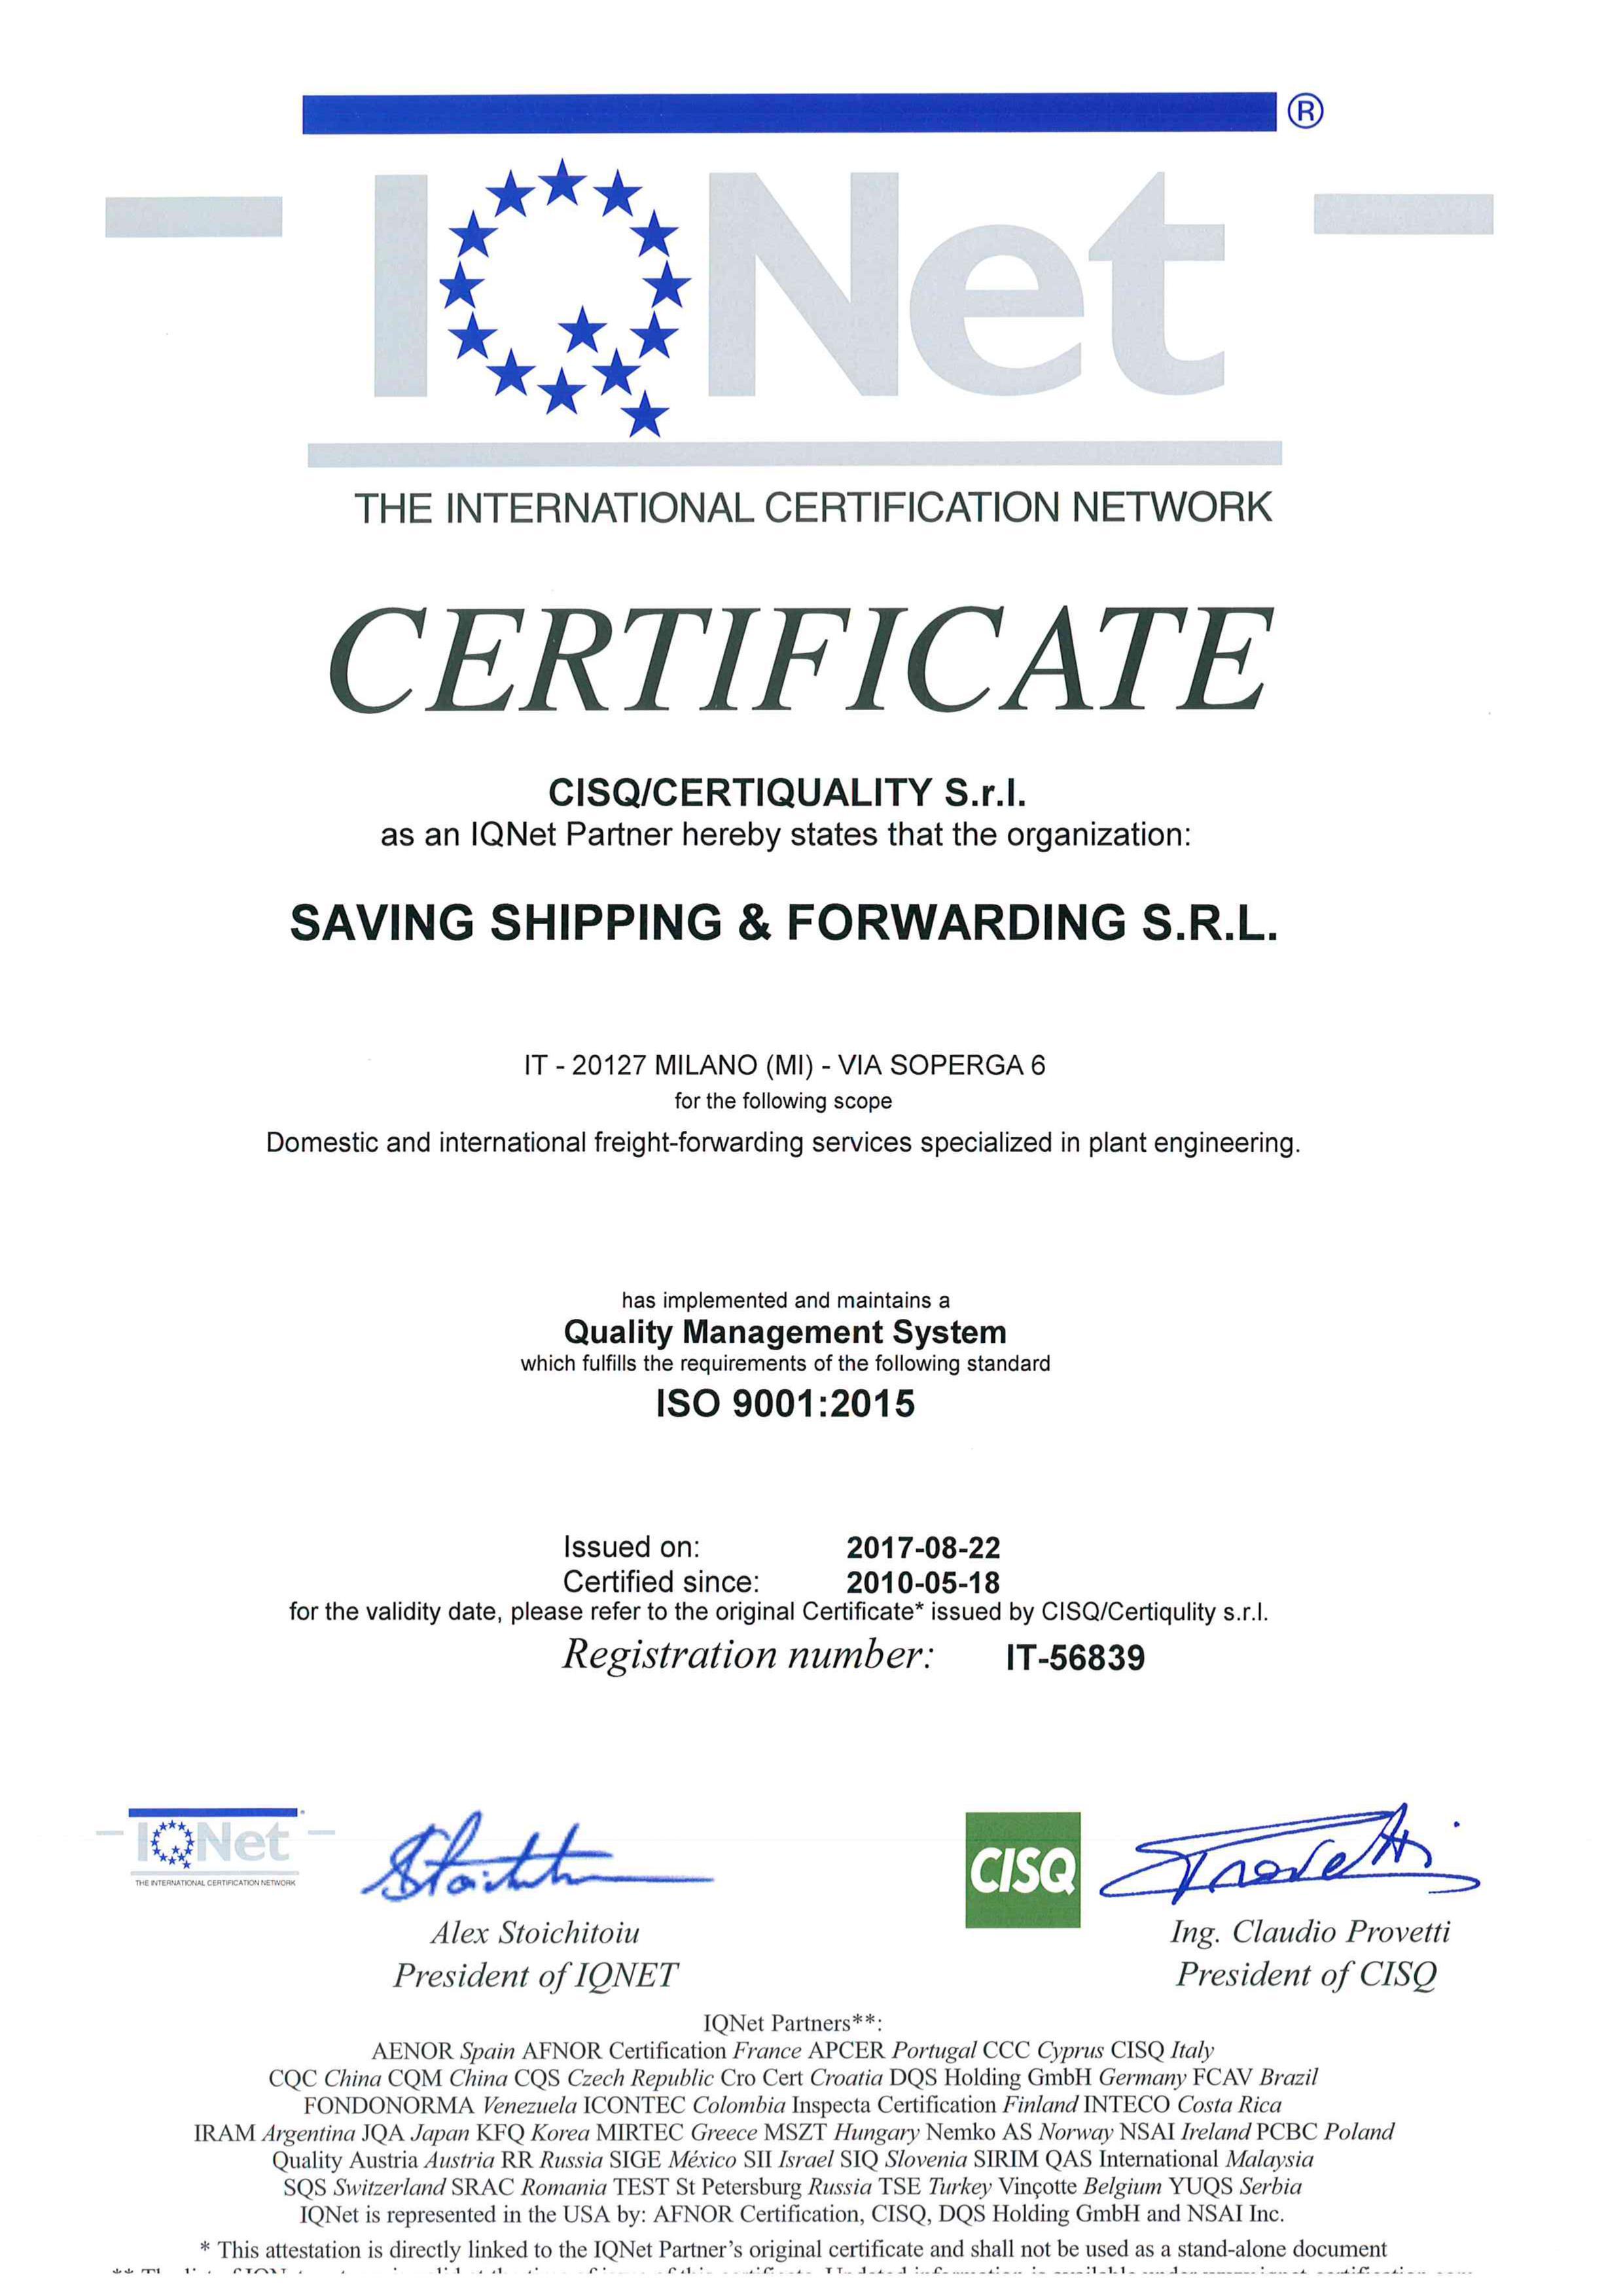 http://www.savingroup.com/images/uploads/qualita/IQNET-SSF-2017.jpg